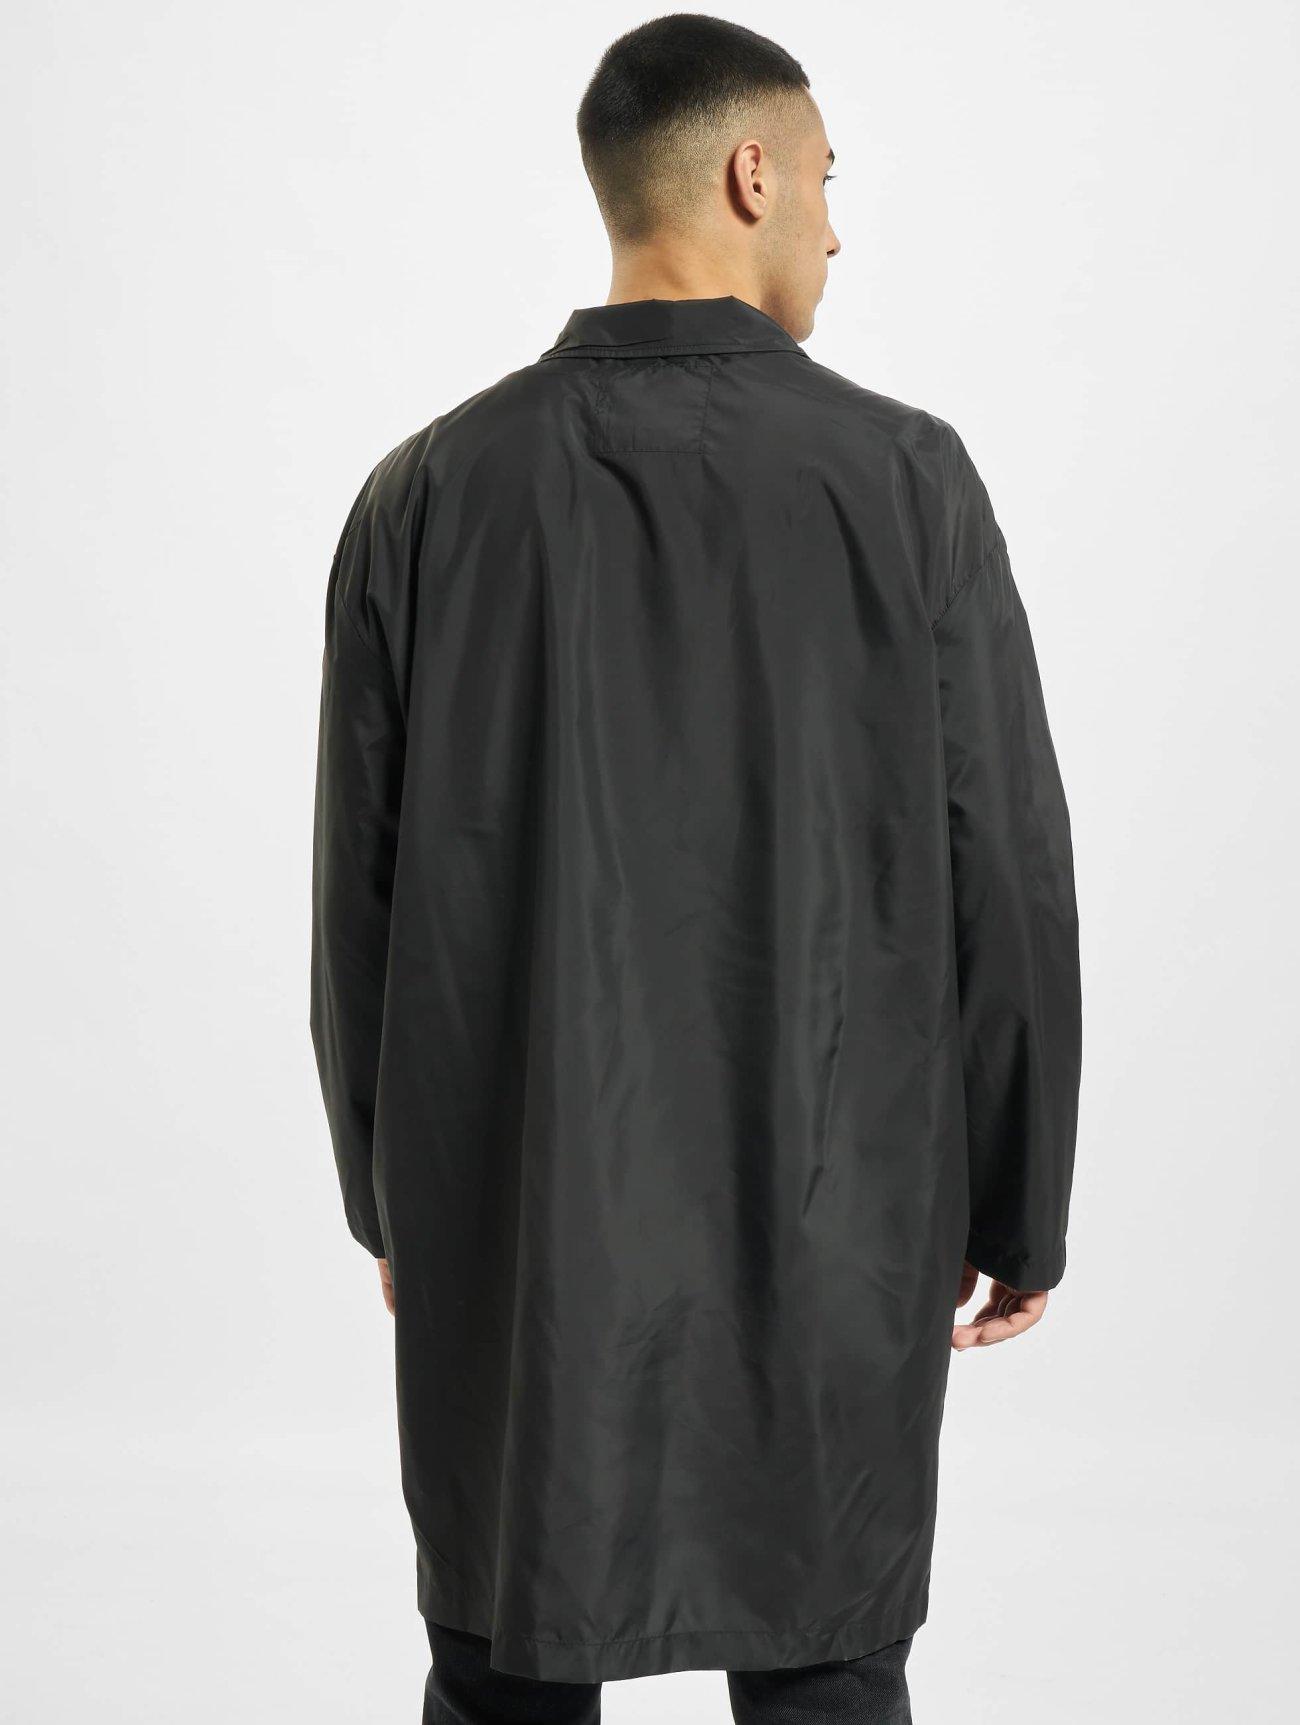 Urban Classics | Oversized  noir Homme Manteau  476175| Homme Manteaux & Vestes